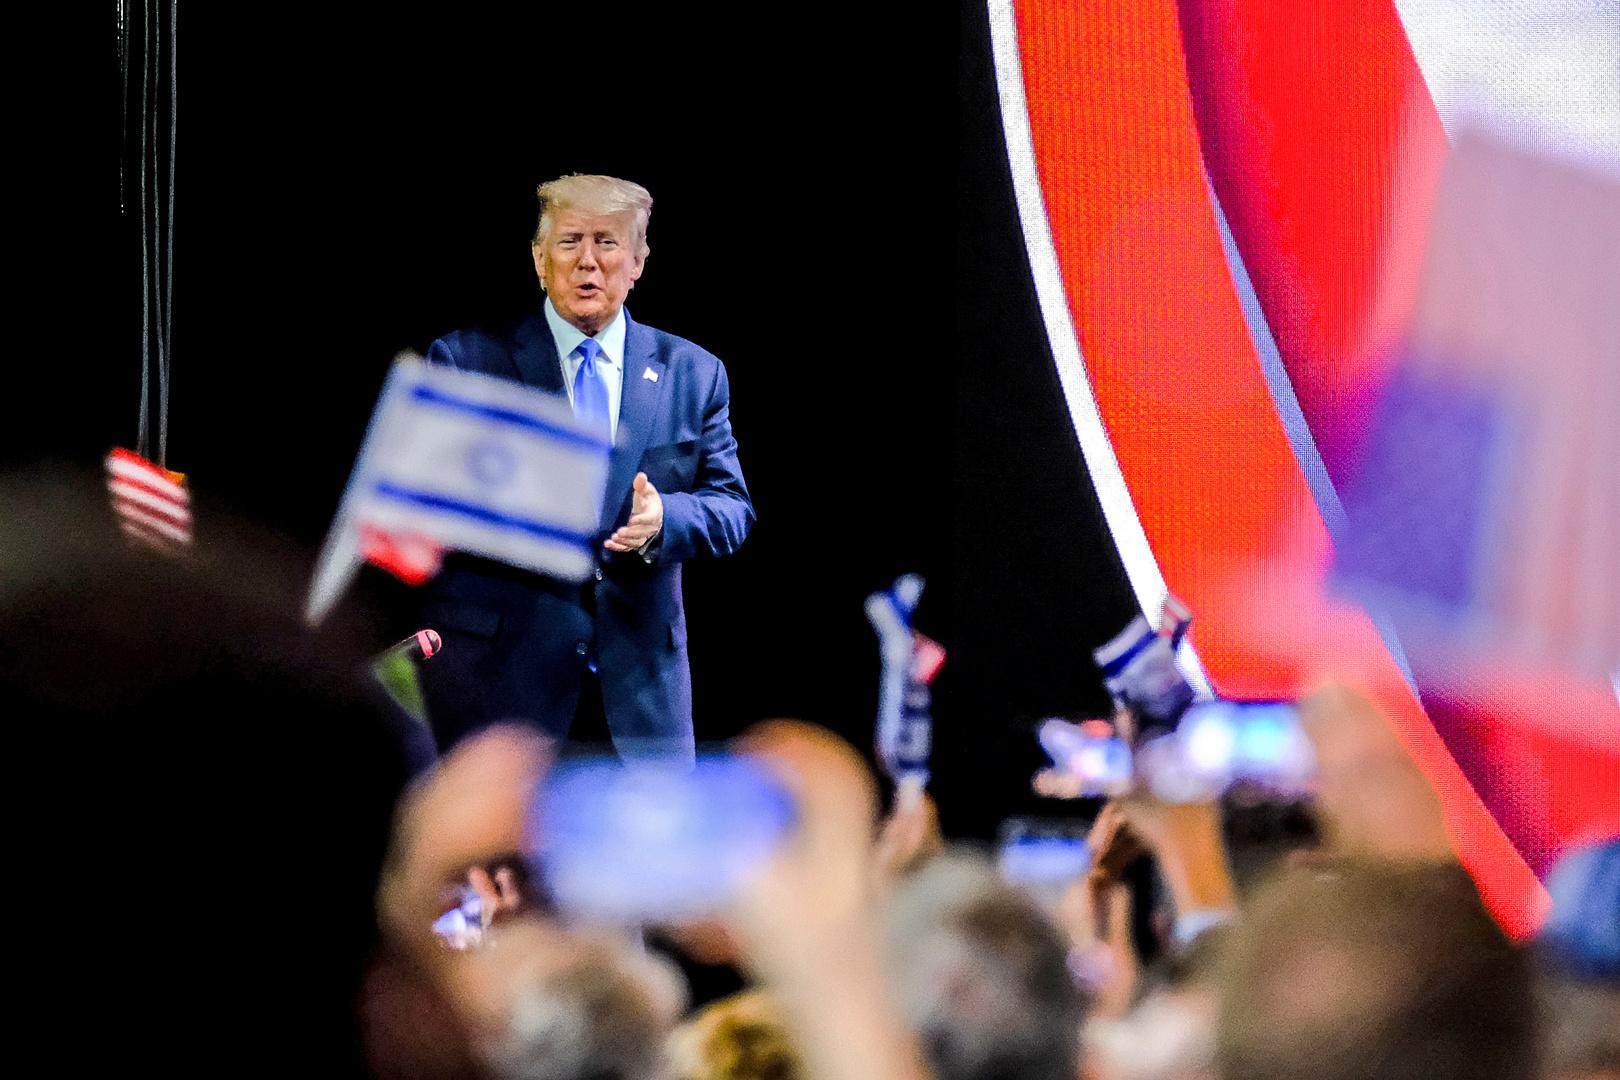 ترامب لليهود: أنا أكثر رئيس أمريكي صداقة لإسرائيل وعليكم التصويت لي لحماية ثروتكم